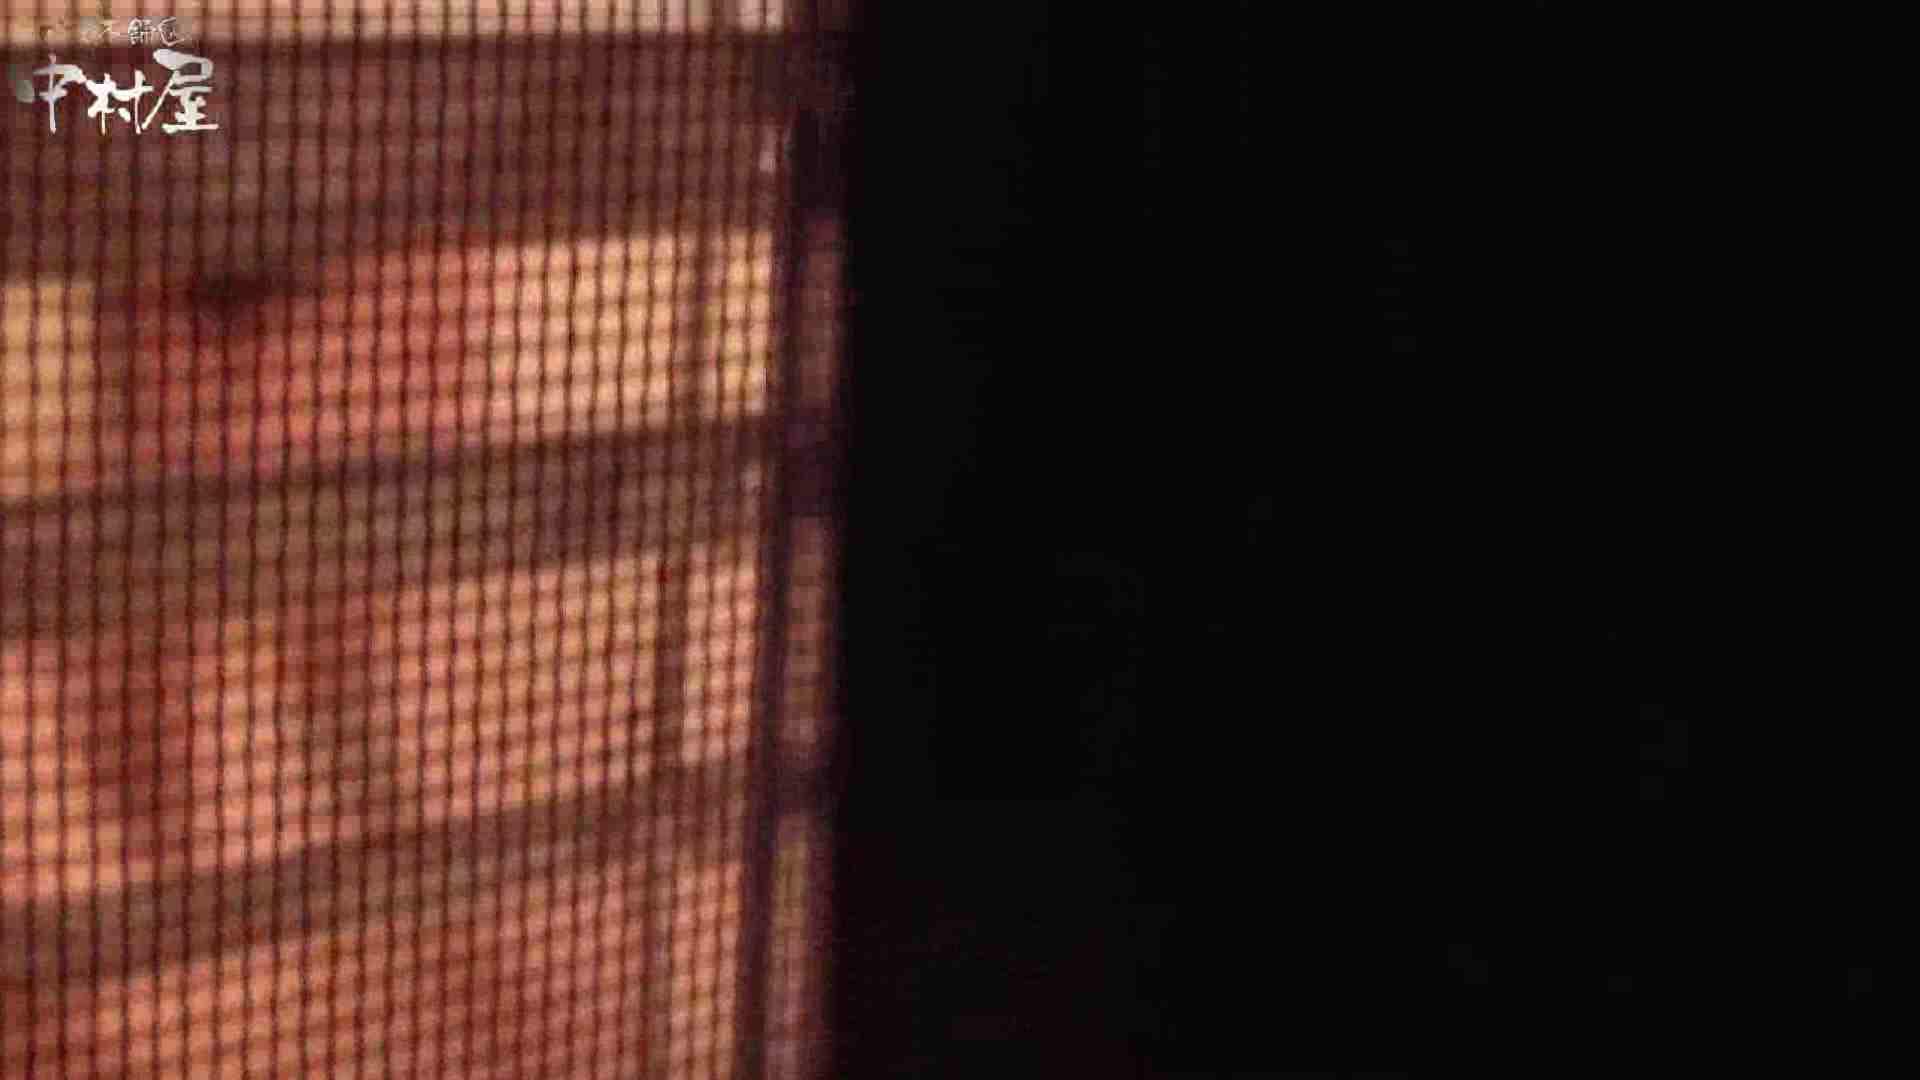 民家風呂専門盗撮師の超危険映像 vol.012 OLセックス 盗撮おまんこ無修正動画無料 70画像 44